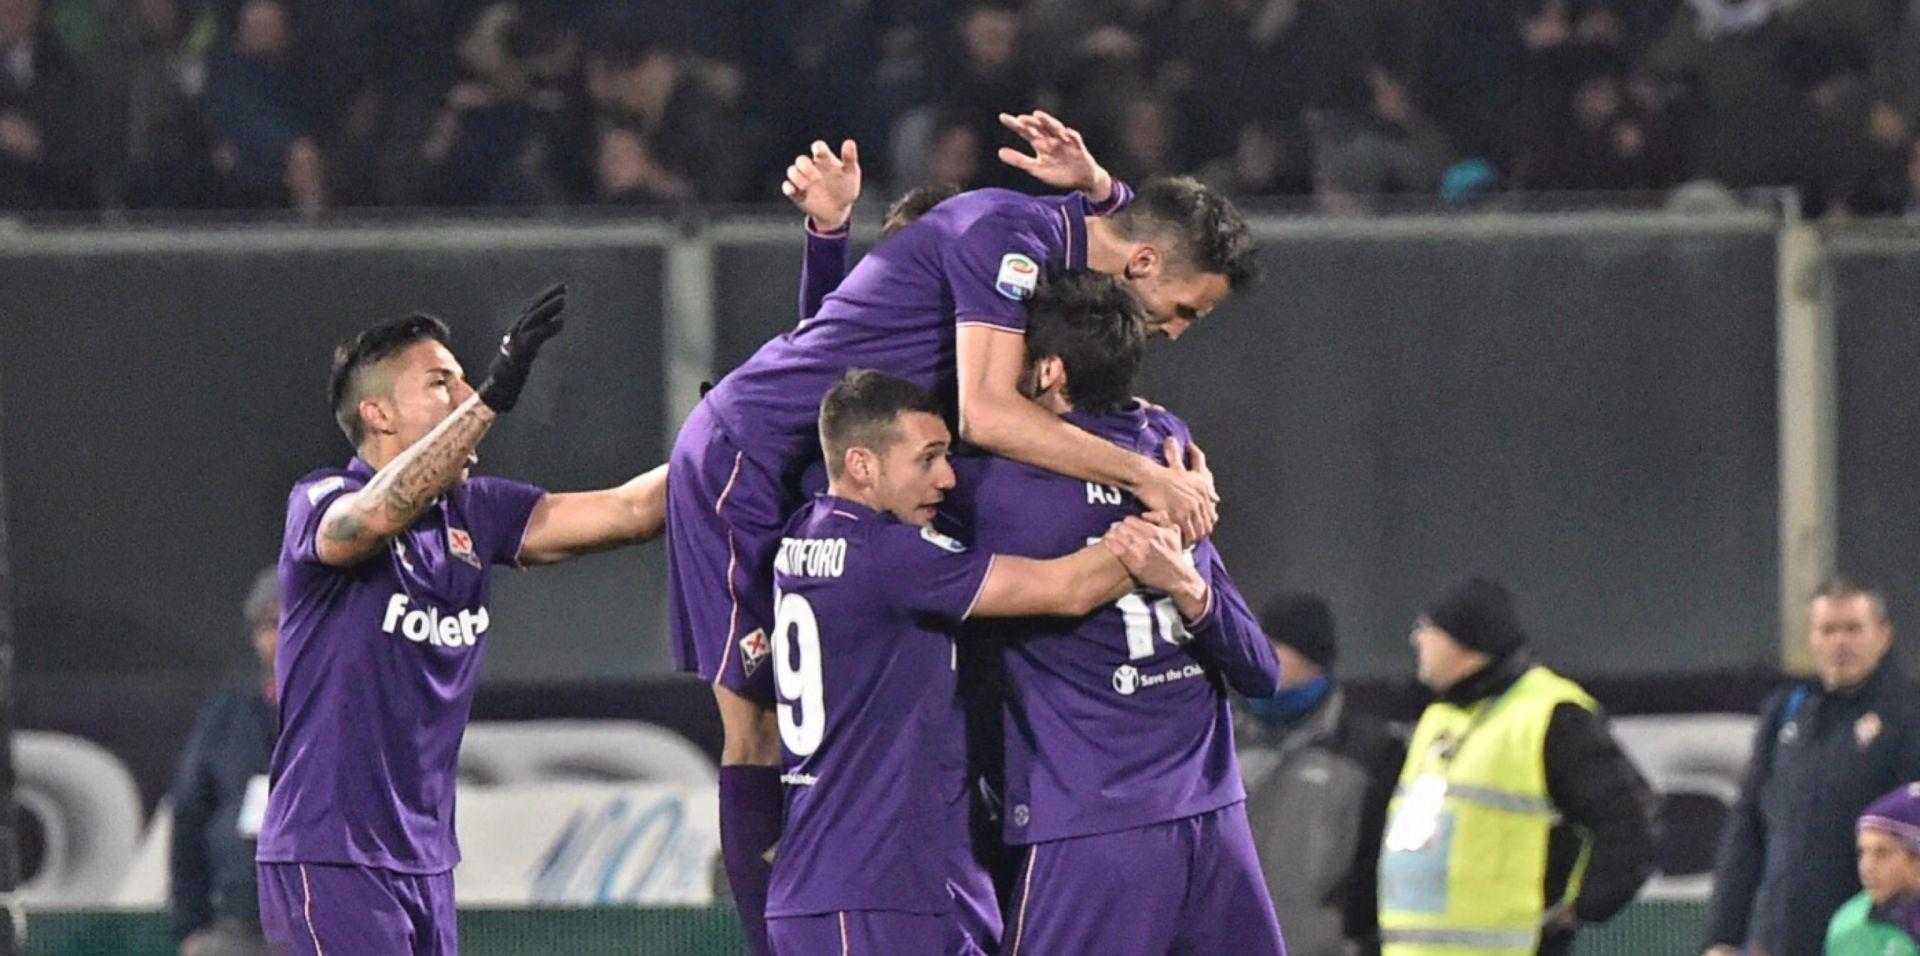 PROLAZ U SUDAČKOJ NADOKNADI Fiorentina u četvrtfinalu talijanskog kupa